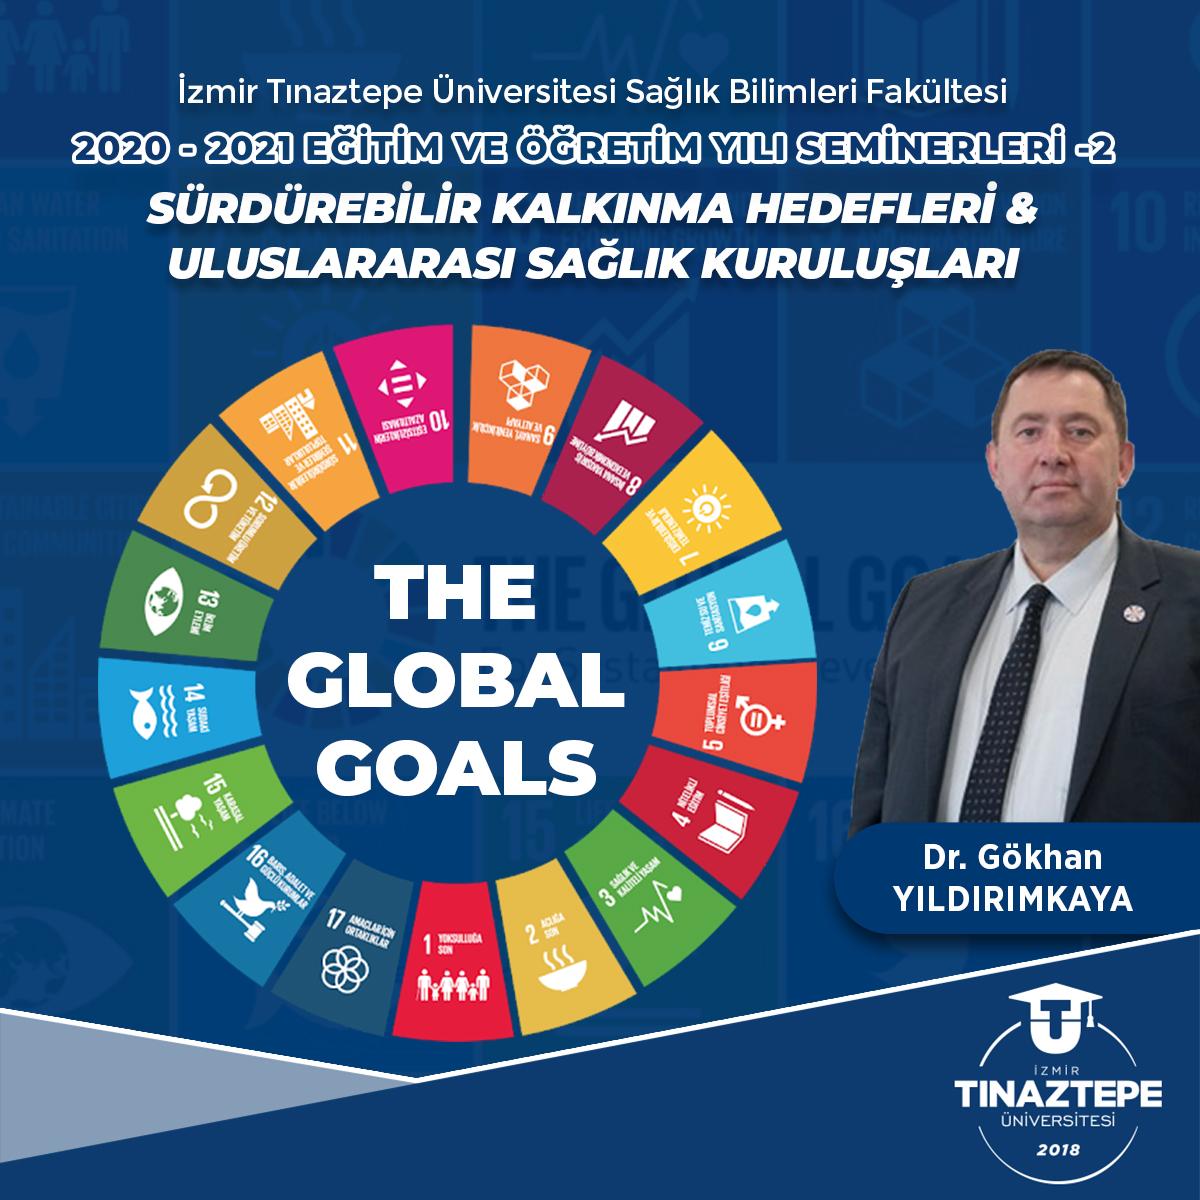 >Sürdürülebilir Kalkınma Hedefleri & Uluslararası Sağlık Kuruluşları Semineri